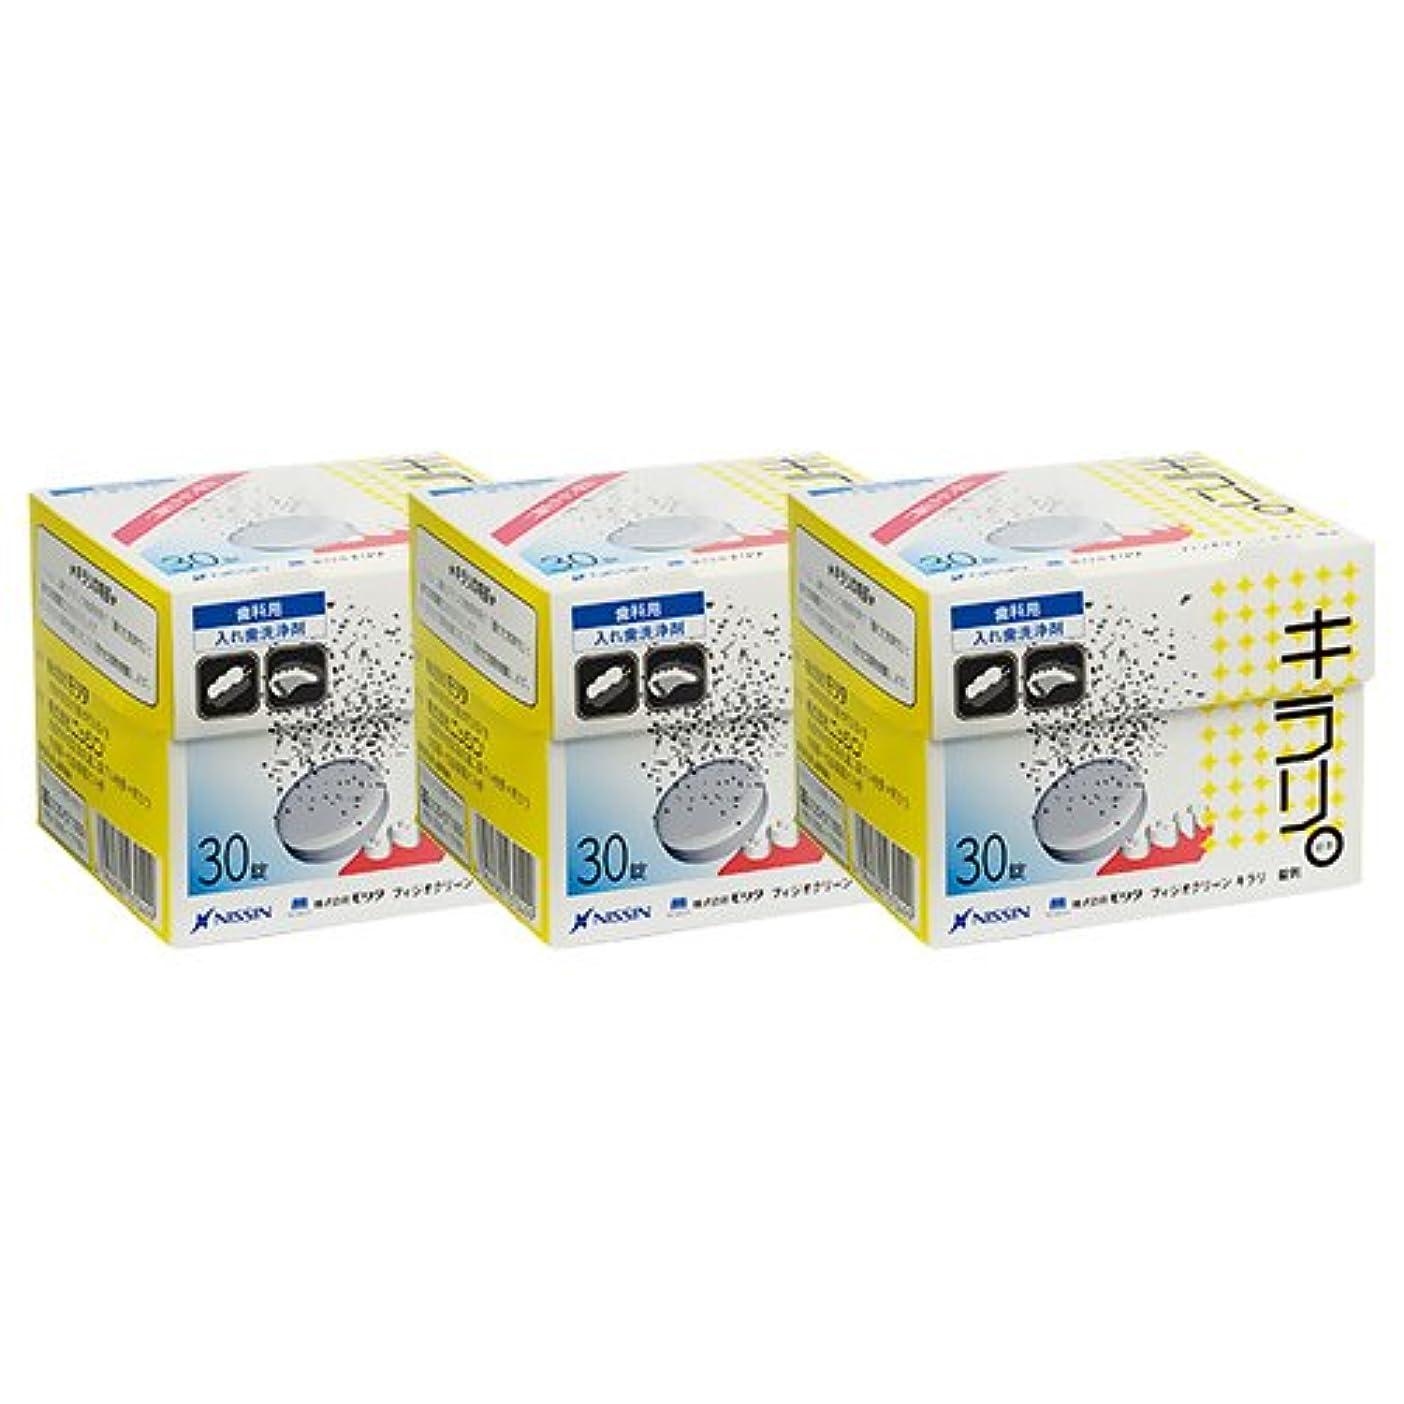 パドルパドル記述するフィジオクリーン キラリ錠剤 (3箱)